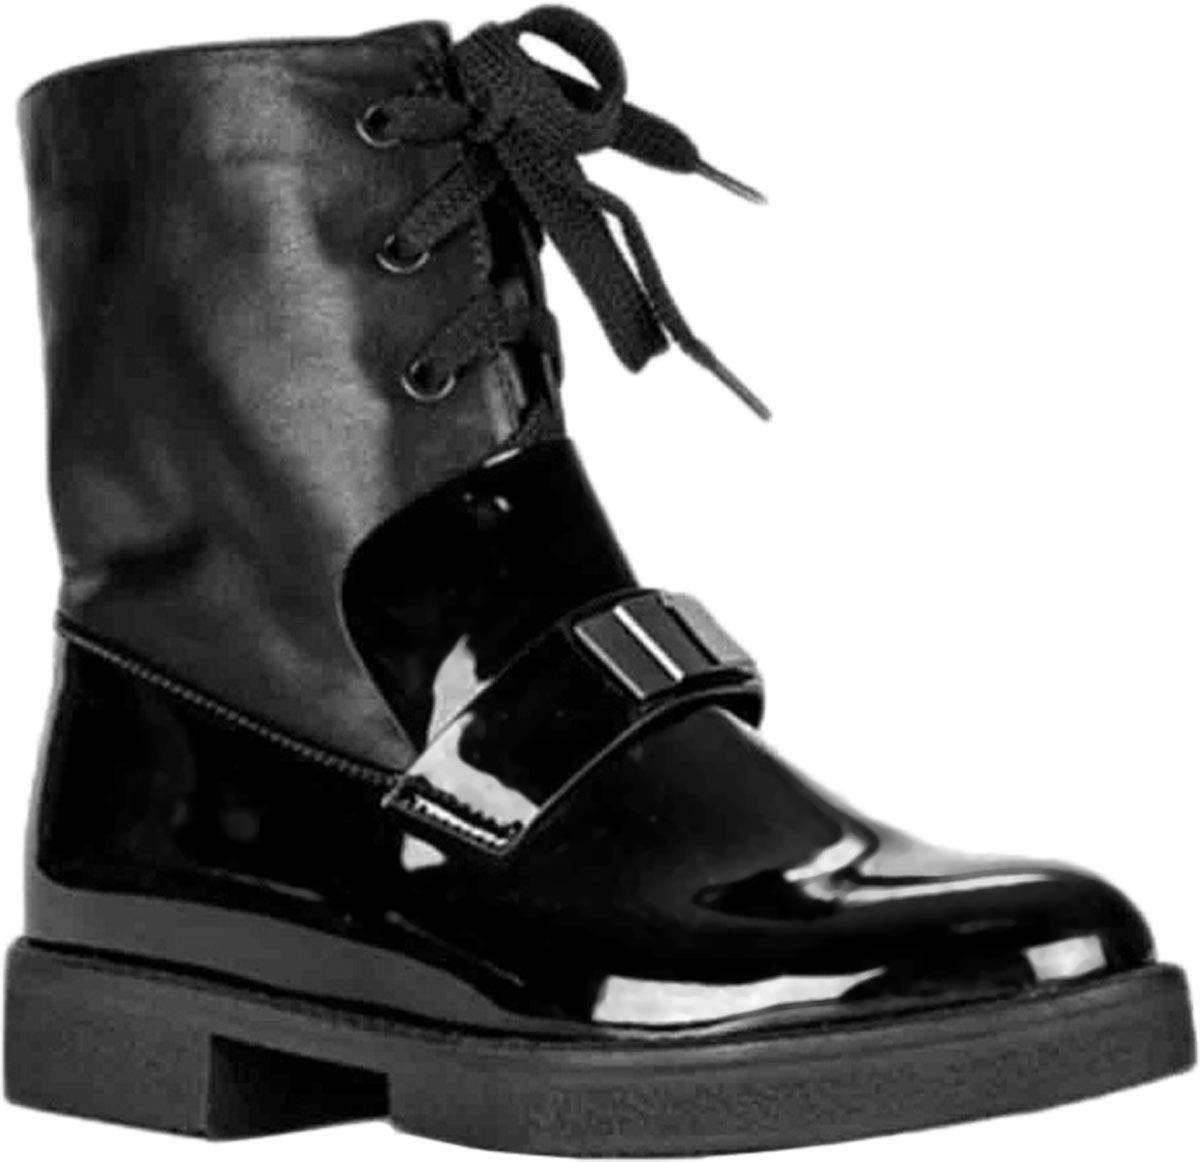 Ботинки женские Vitacci, цвет: черный. 83467. Размер 4183467Удобные женские ботинки от Vitacci изготовлены из качественной искусственной кожи. Высокие ботинки выполнены с удобной шнуровкой. Практичная стелька из ворсина обеспечит комфорт при носке.